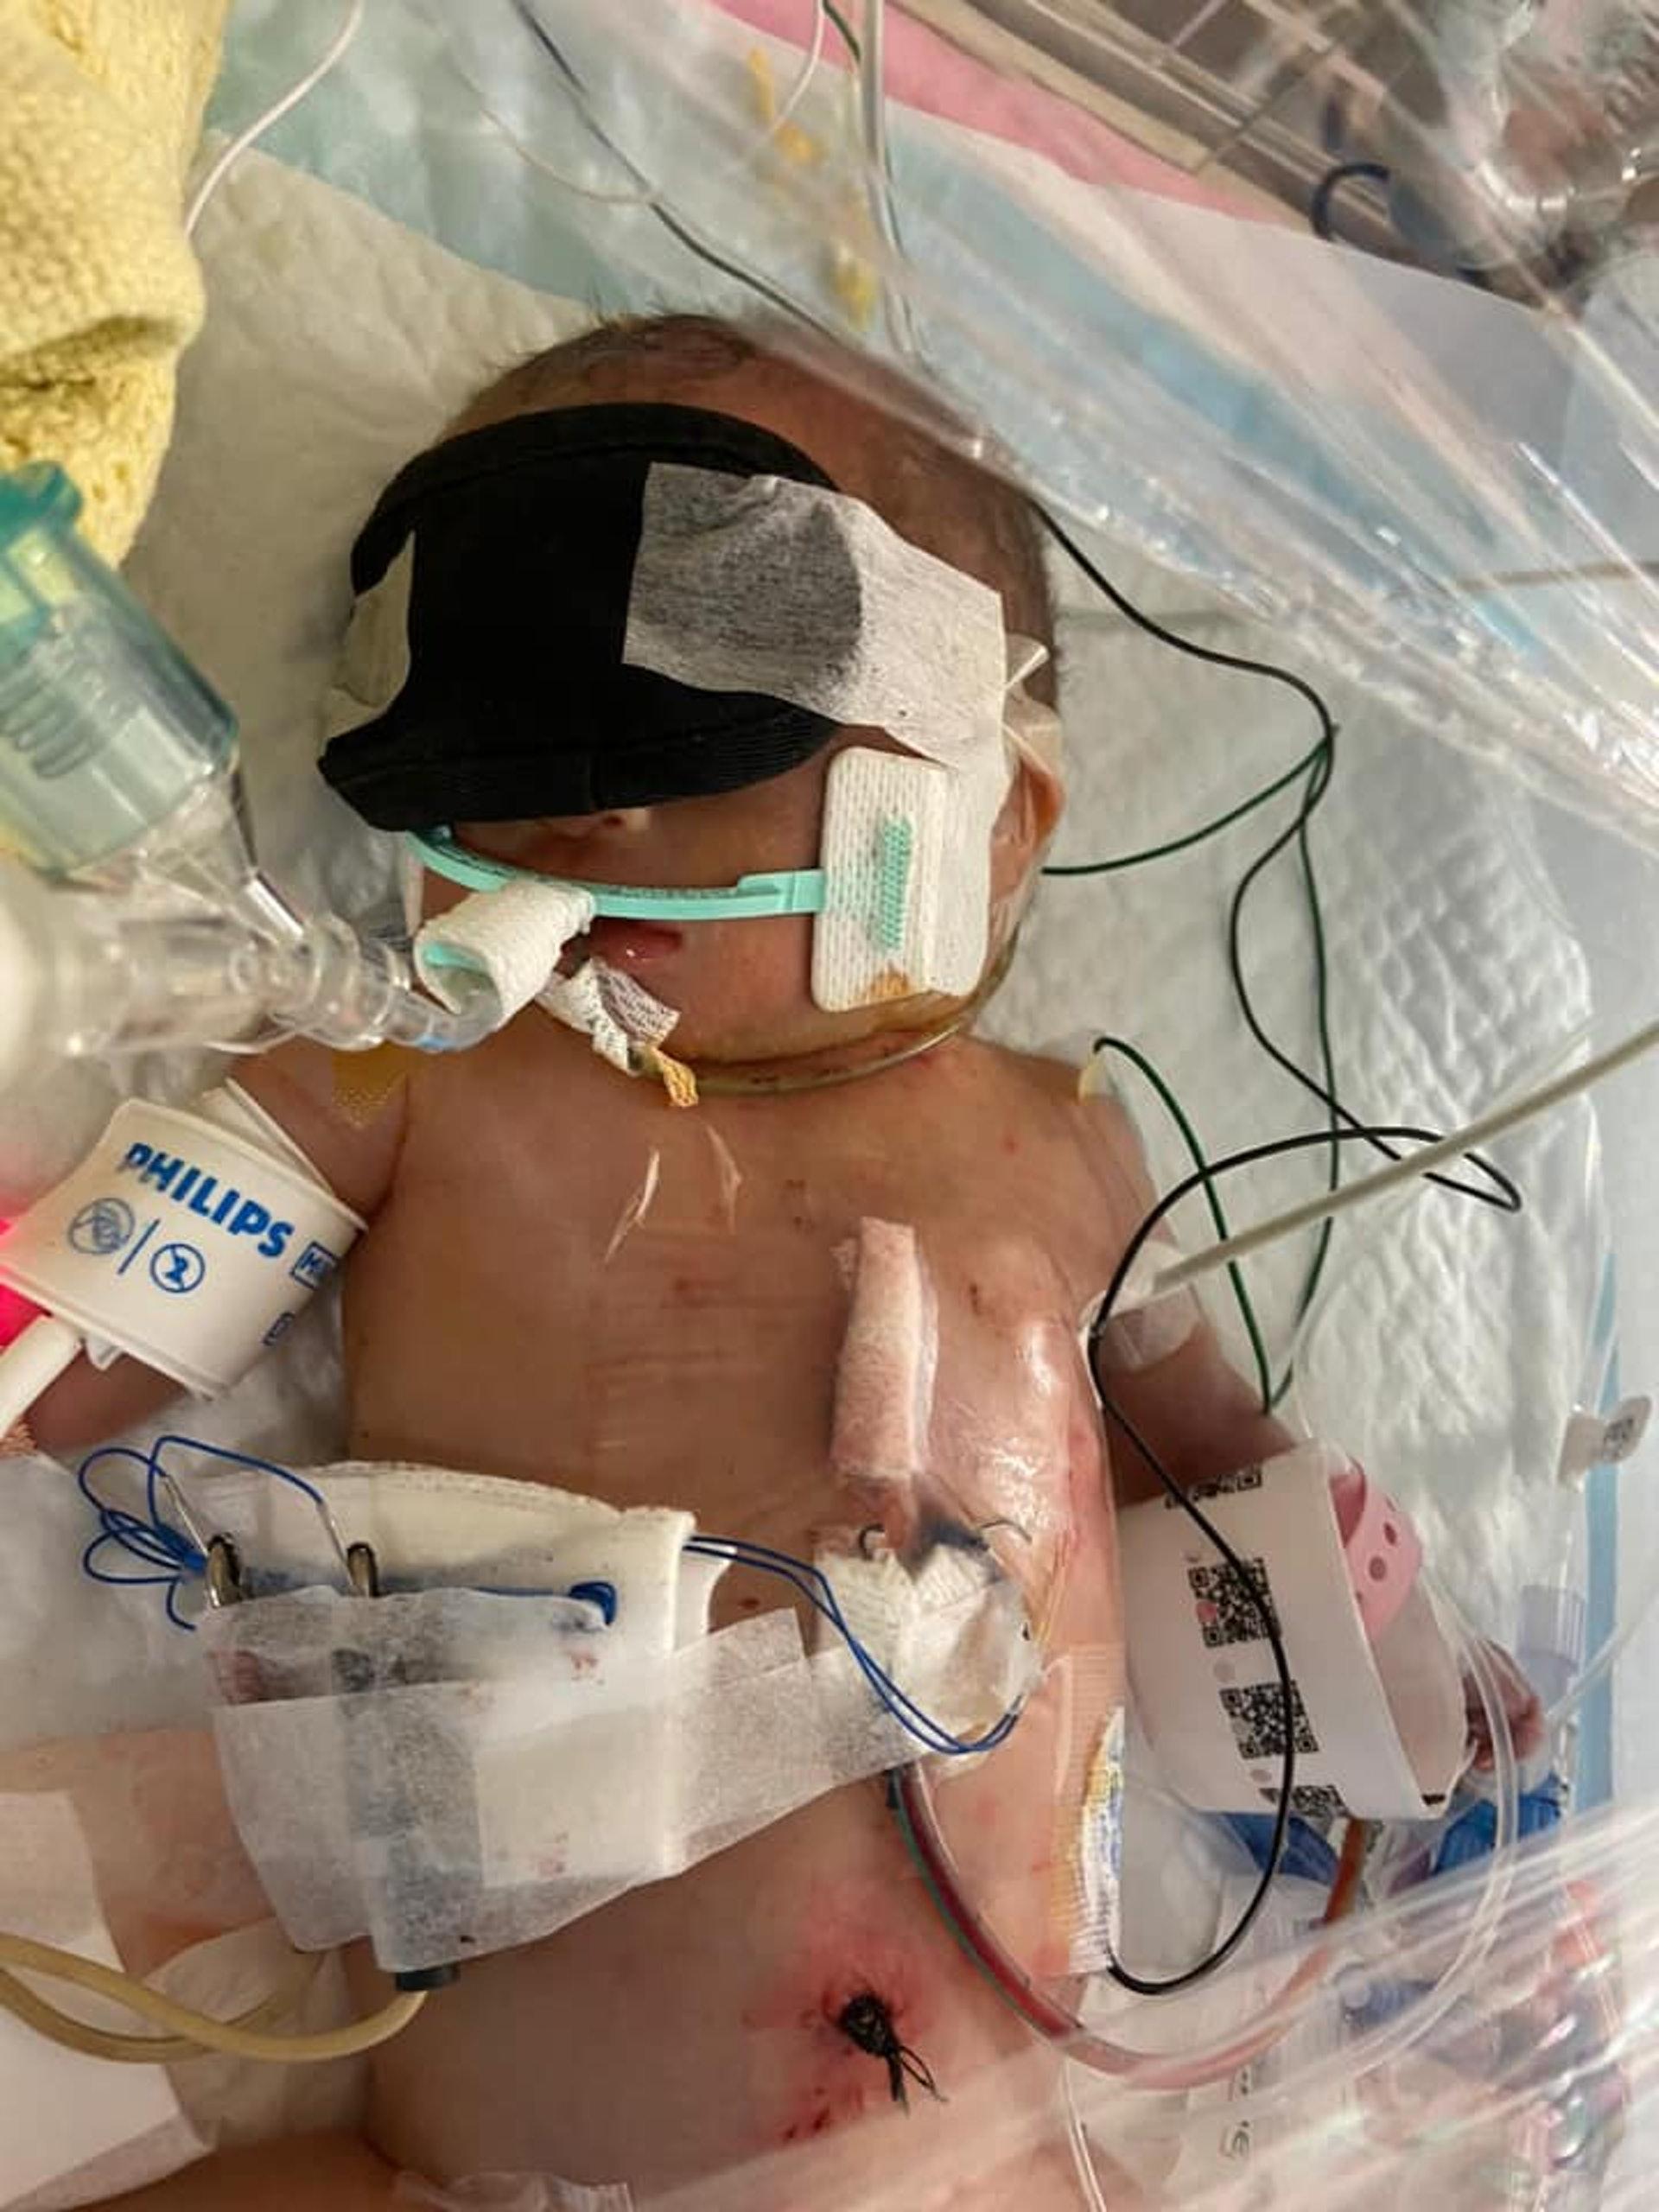 小秋彥出生時僅重1.18公斤。(未得歸家的小秋彥facebook圖片)